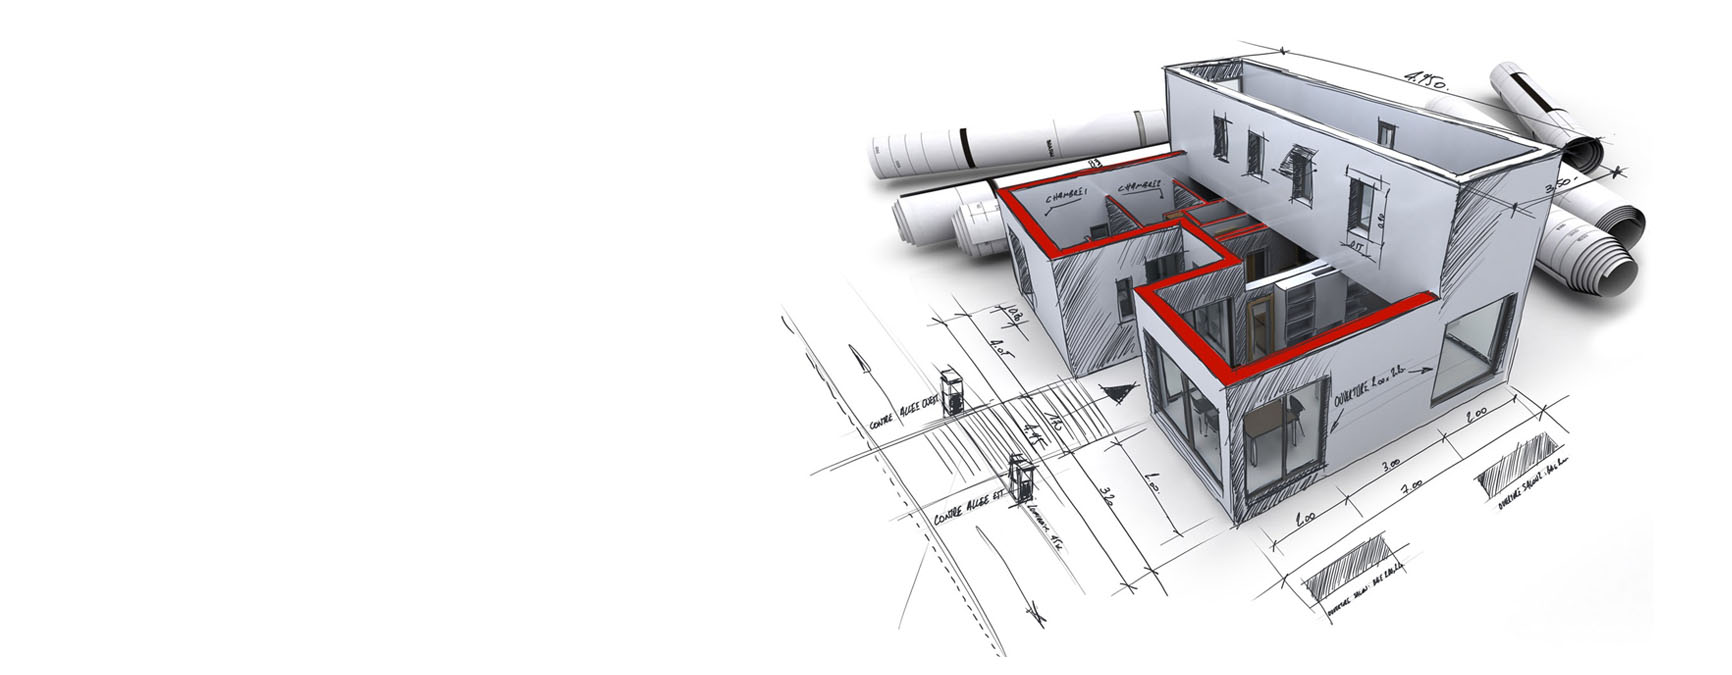 چرا طراحان UX باید مانند معماران فکر کنند؟